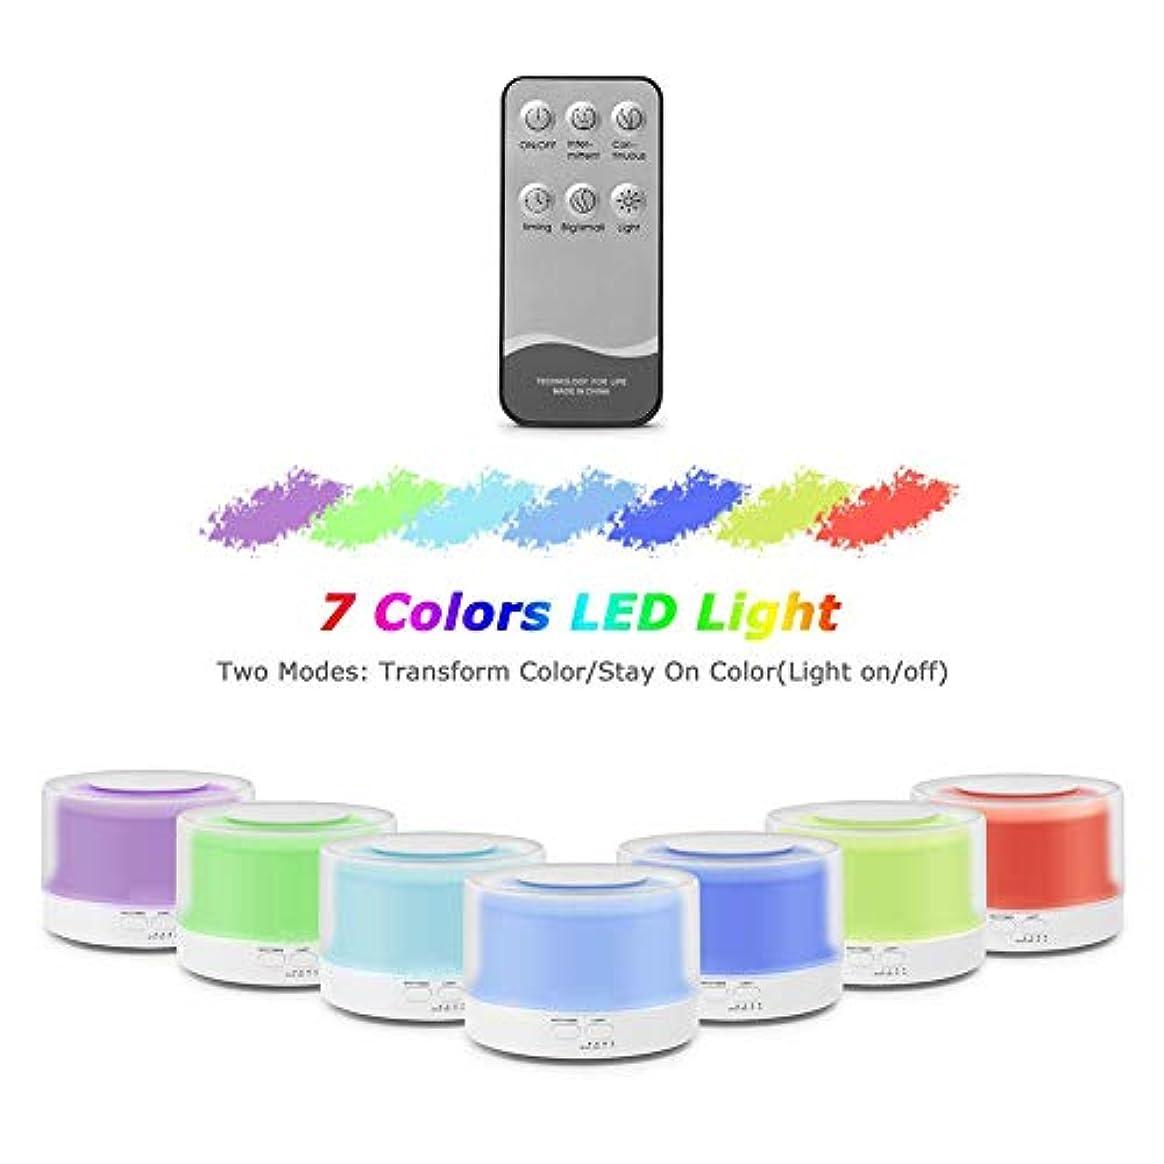 ラウズ表現オーブン加湿器 アロマディフューザー 卓上加湿器 アロマ 700ml 7色LEDライト変換 間接照明 空焚き防止 お部屋/オフィス/温泉など適用 誕生日プレゼント